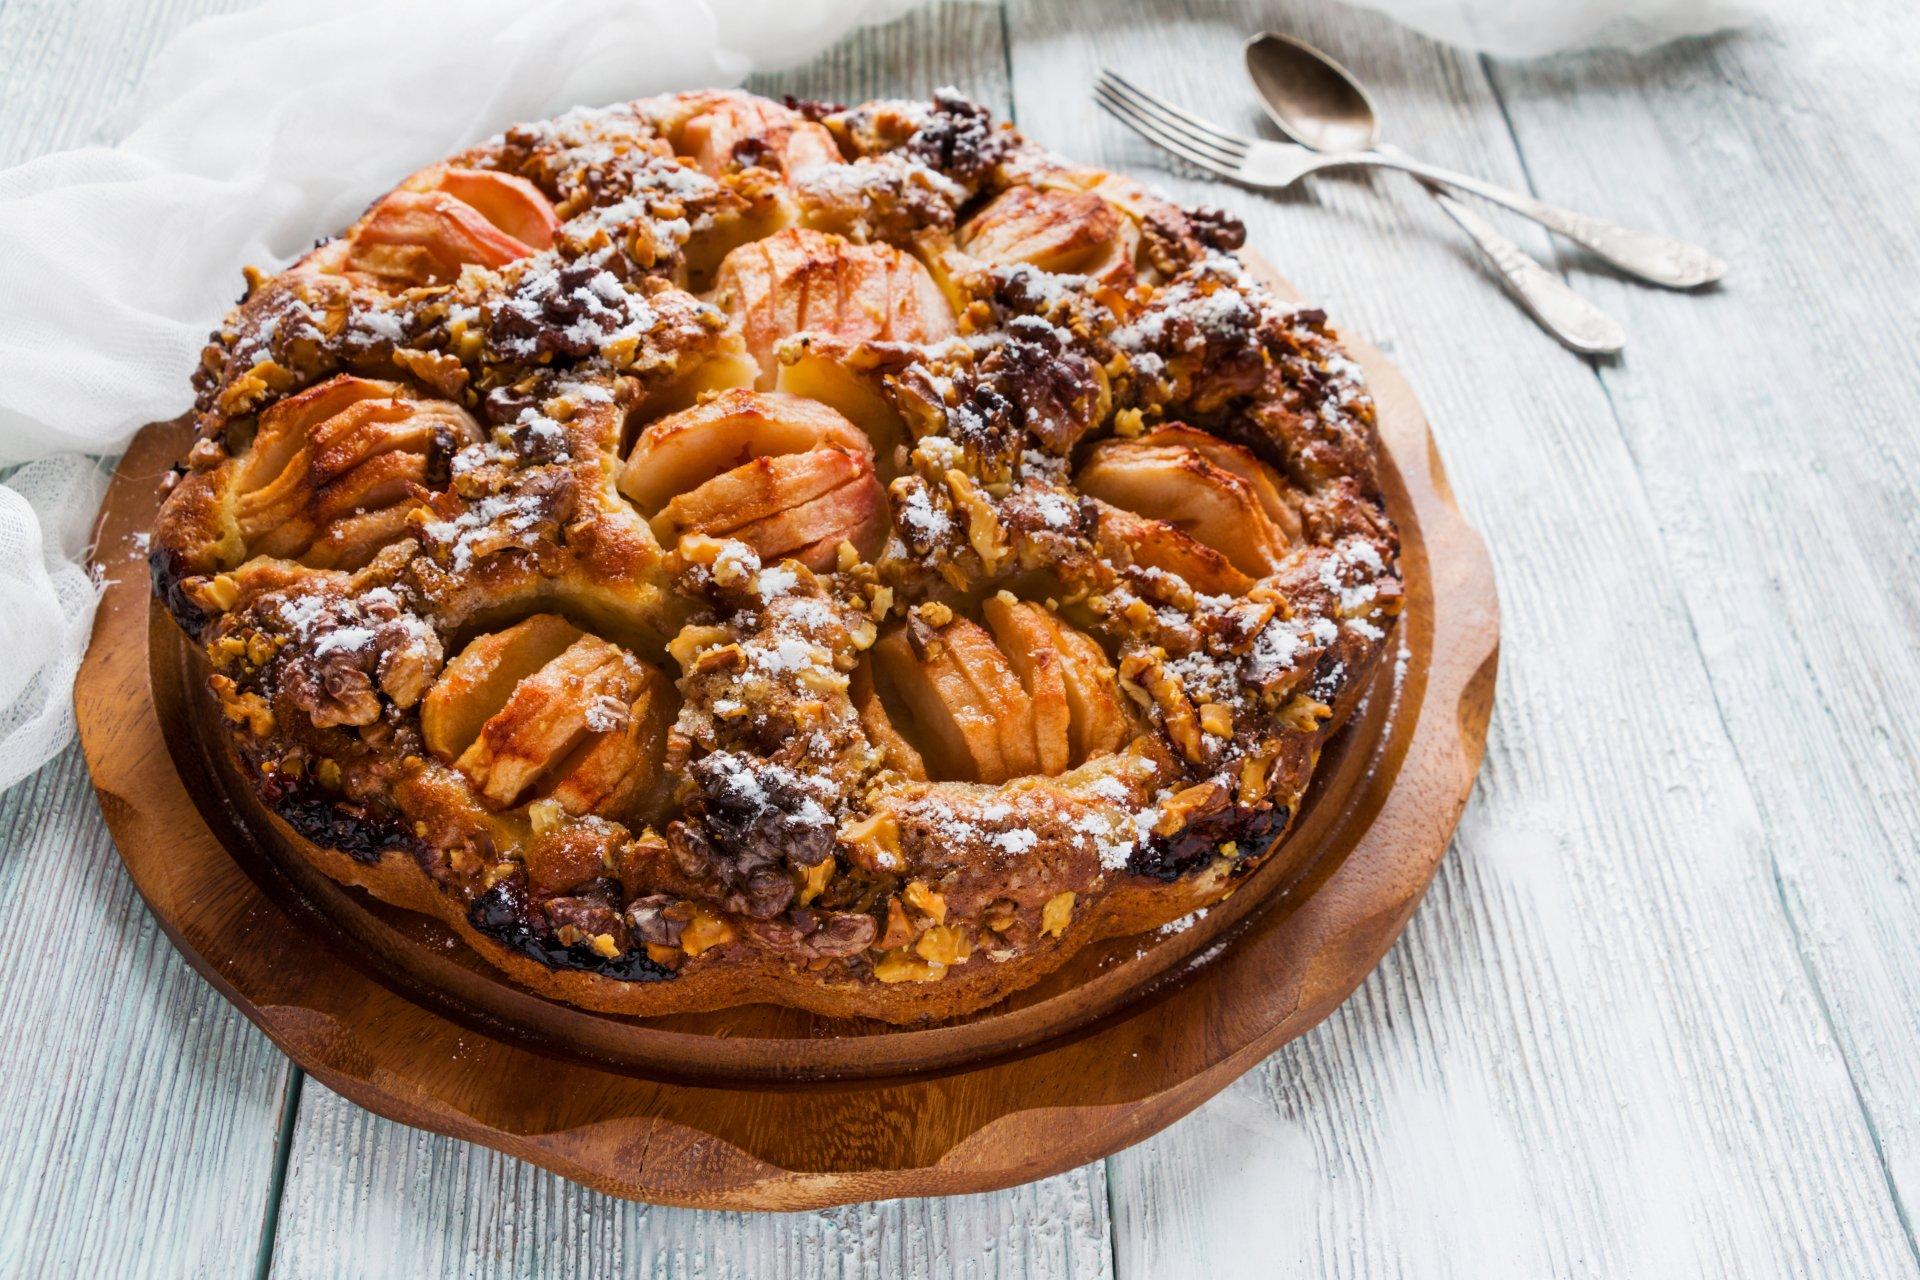 Food - Pie  Pastry Wallpaper